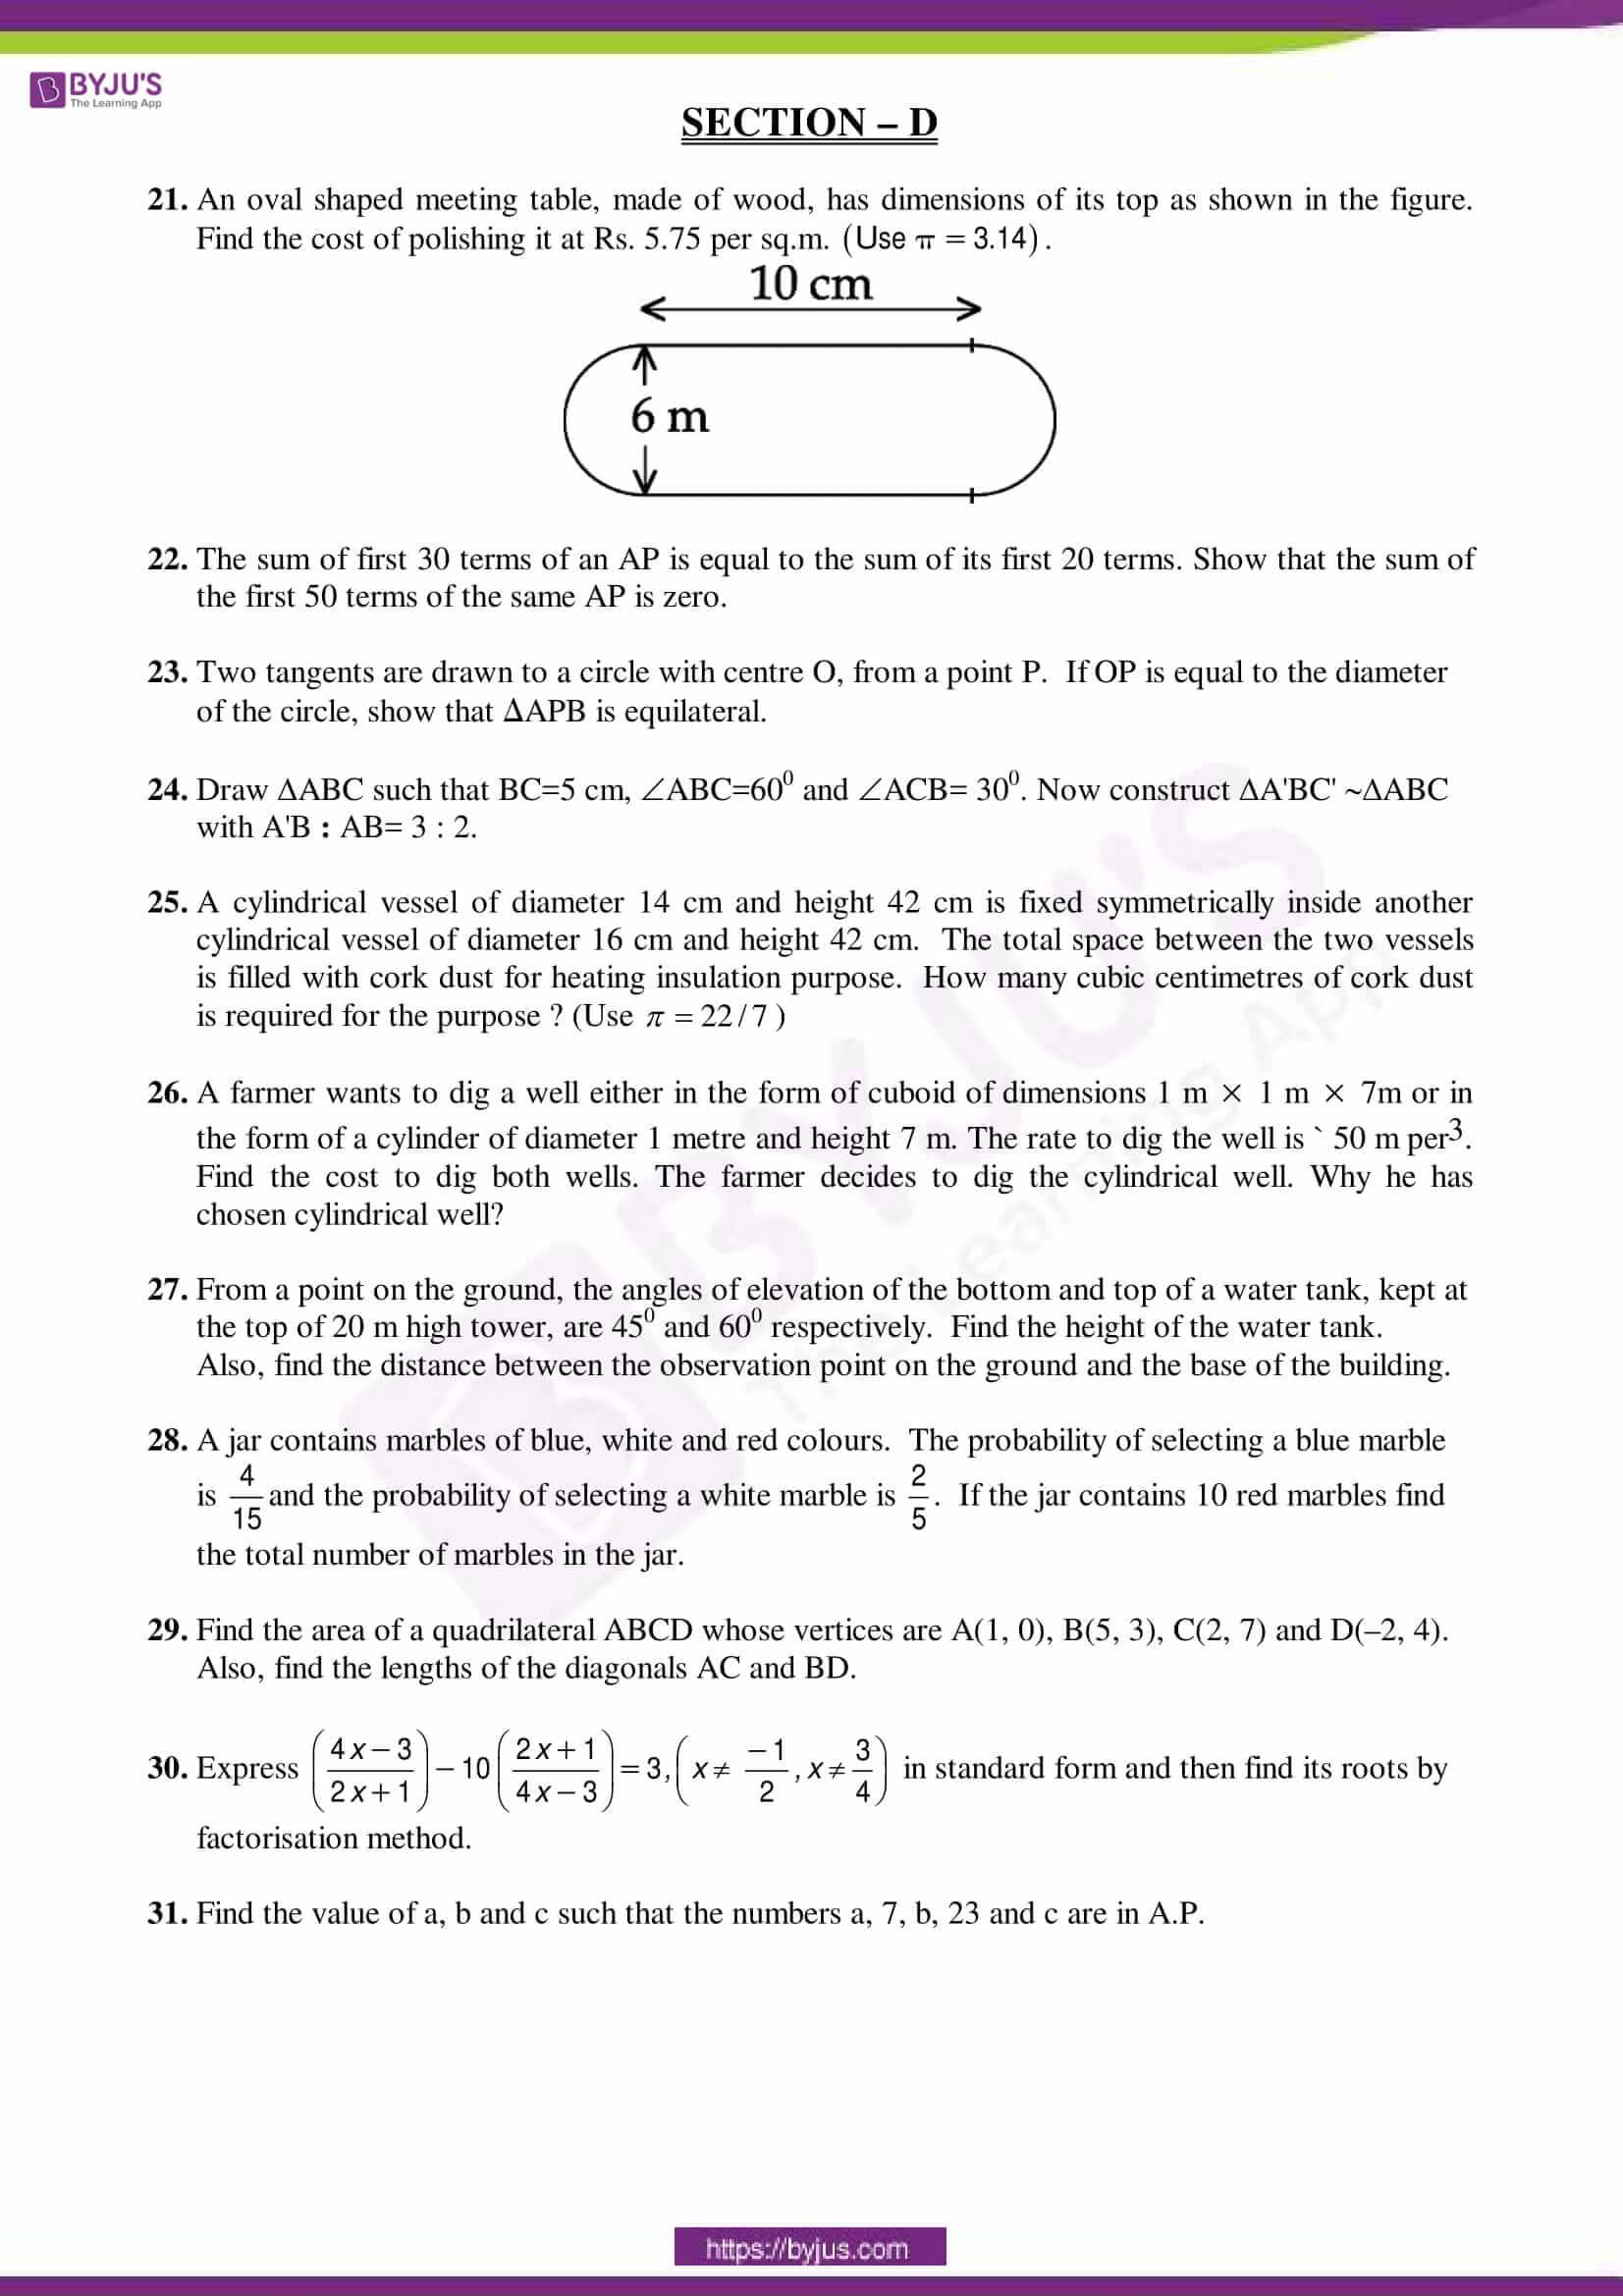 cbse sample paper class 10 maths sa 2 set 6